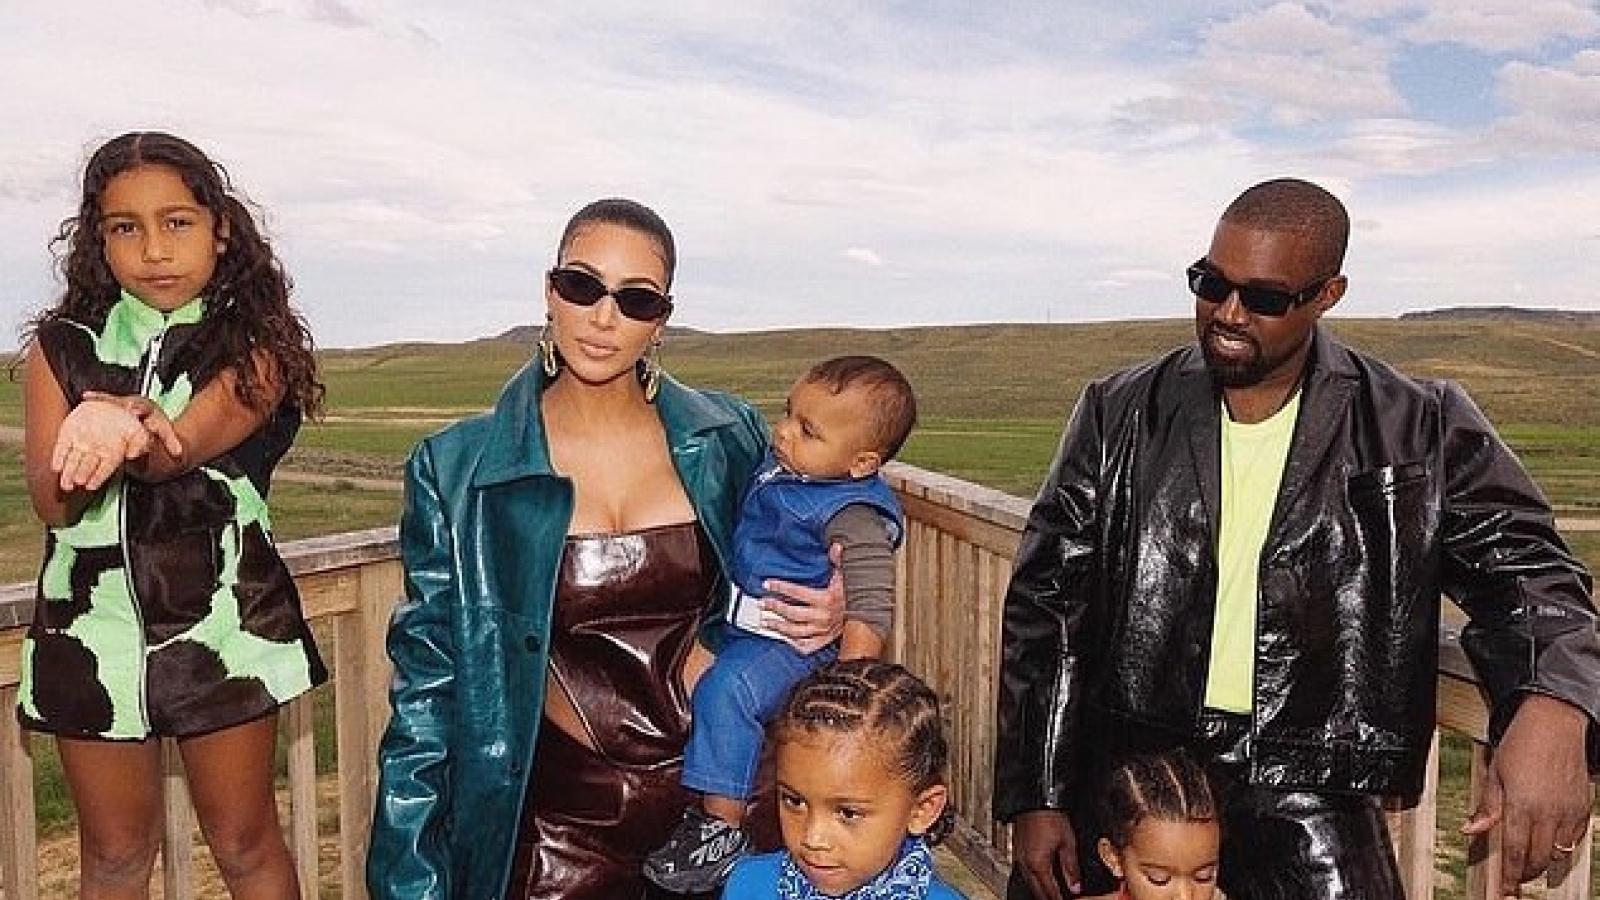 Khối tài sản khổng lồ của vợ chồng Kim Kardashian và Kanye West